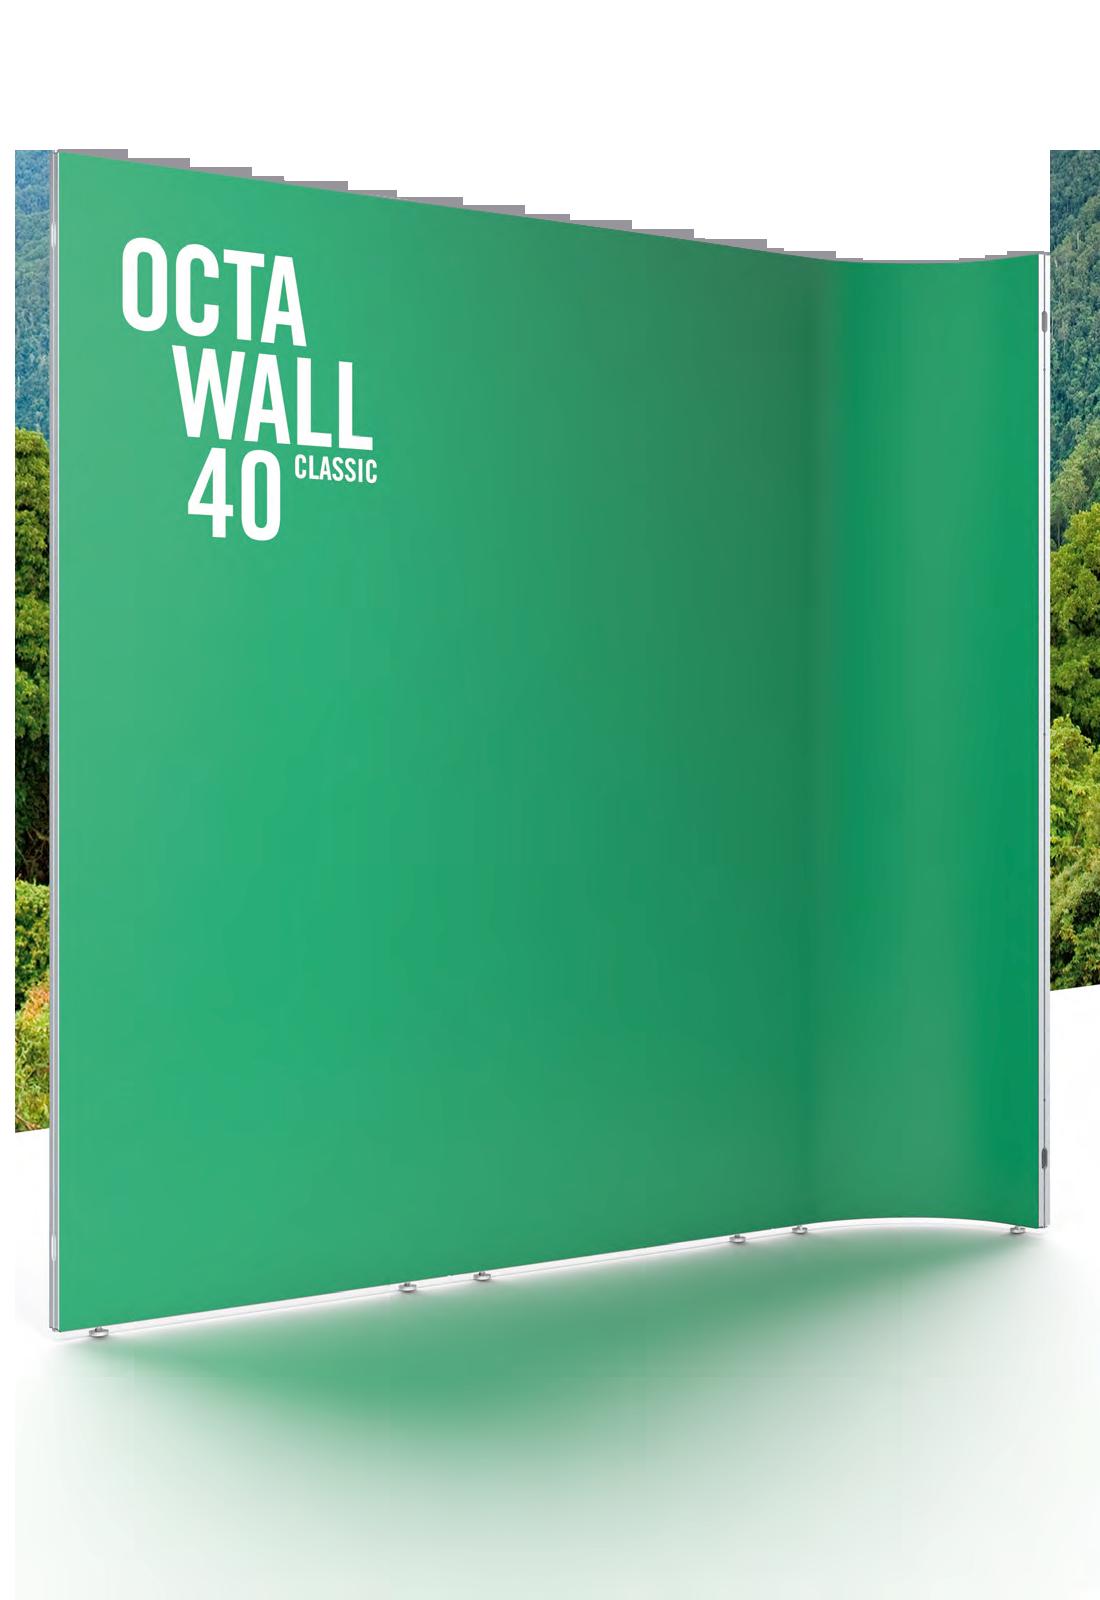 Octawall 40 Classic